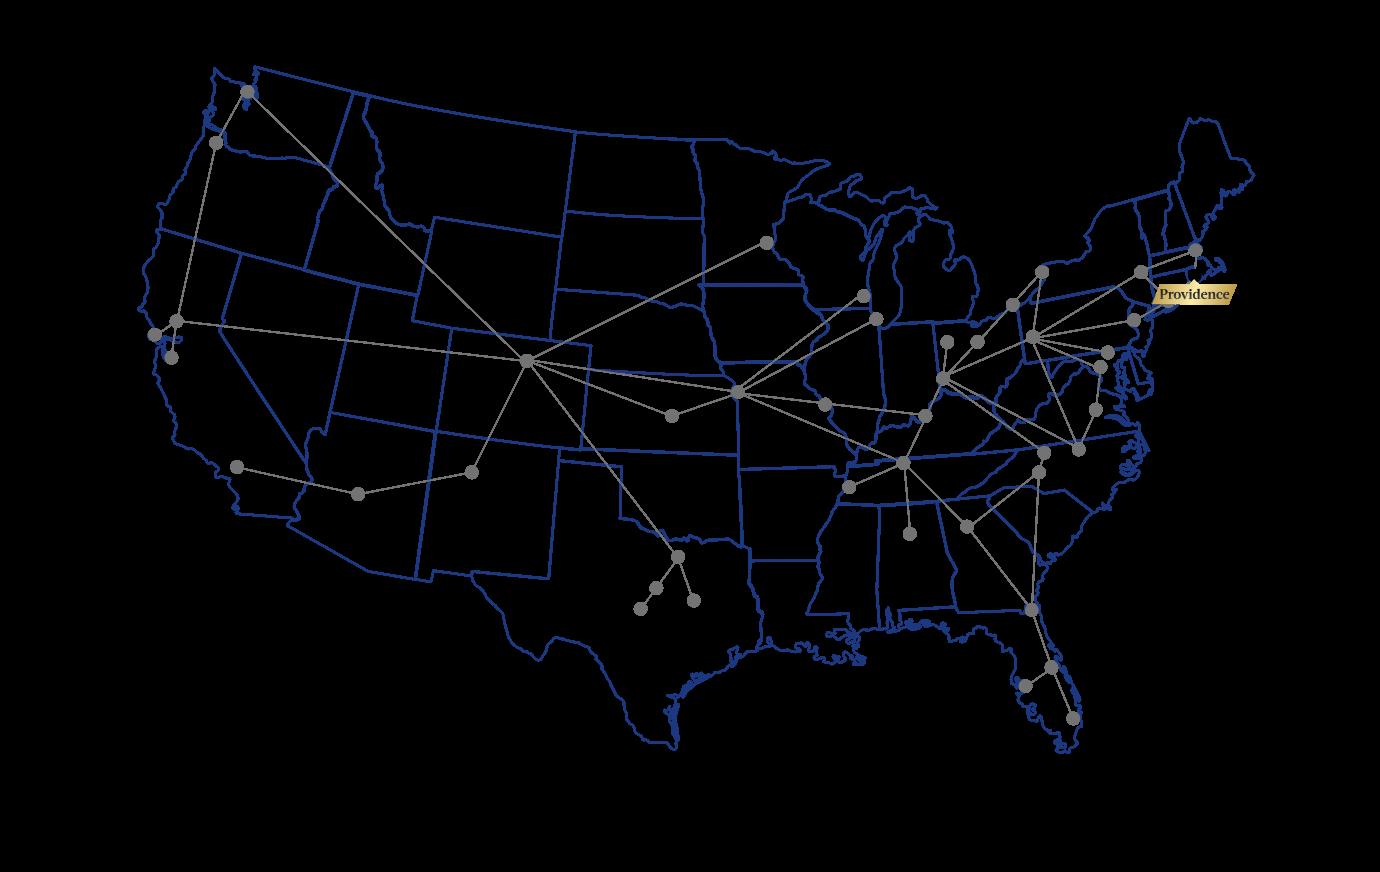 BJLT_Providence_Map v2-2